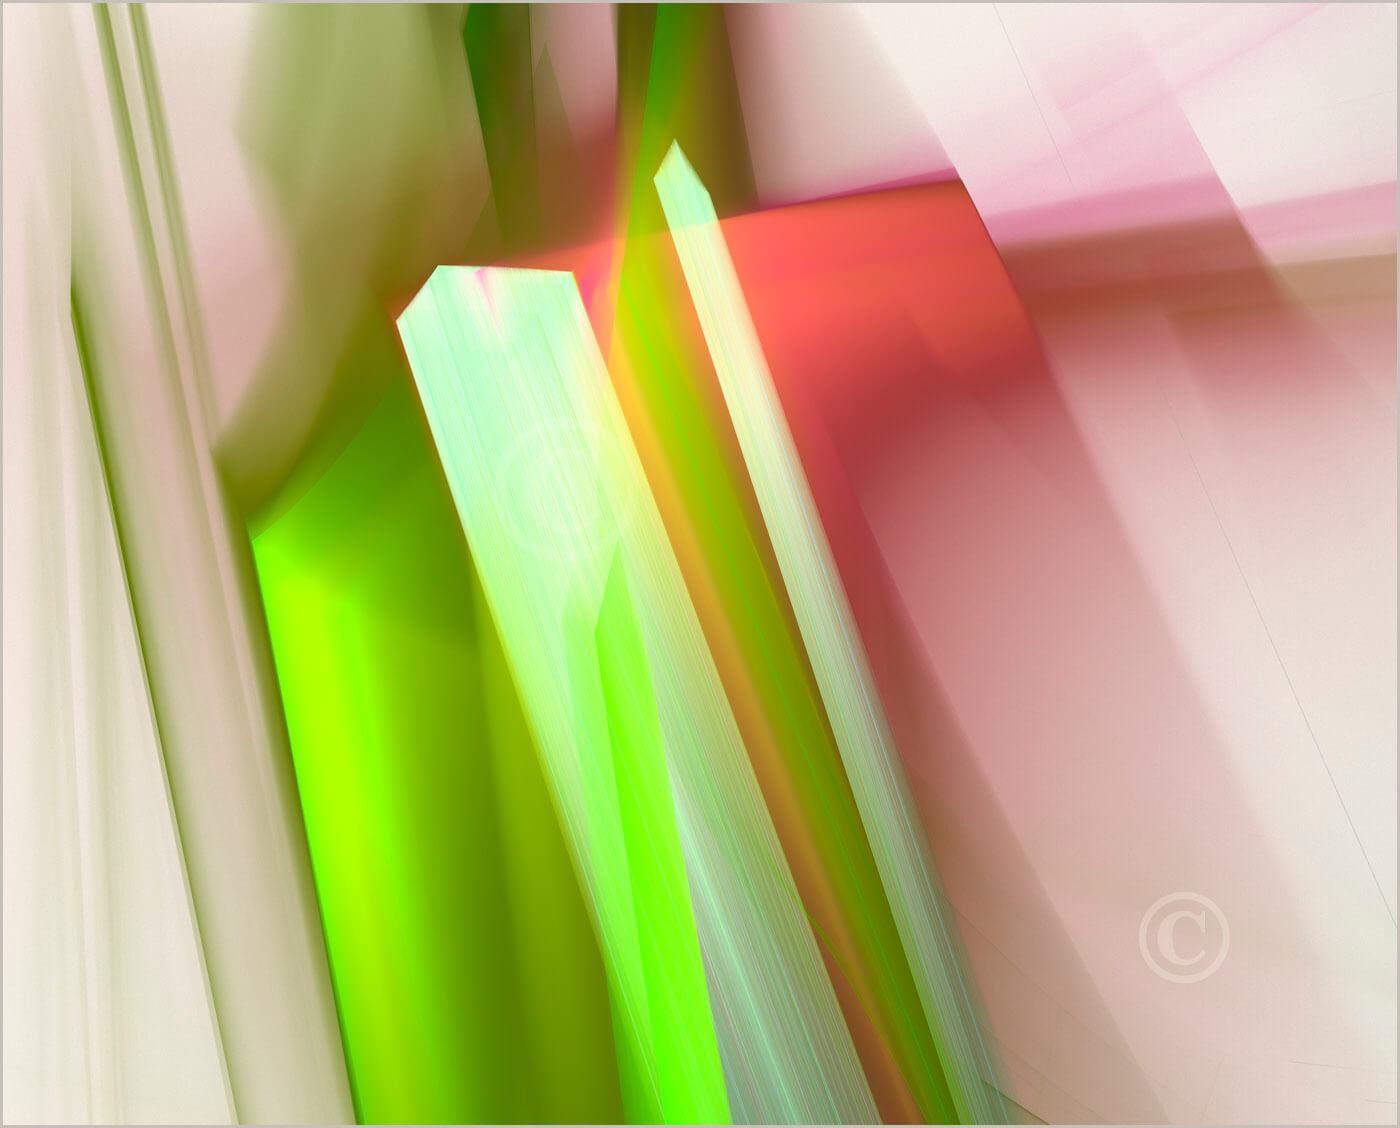 Colorshapes_F2_2941_M